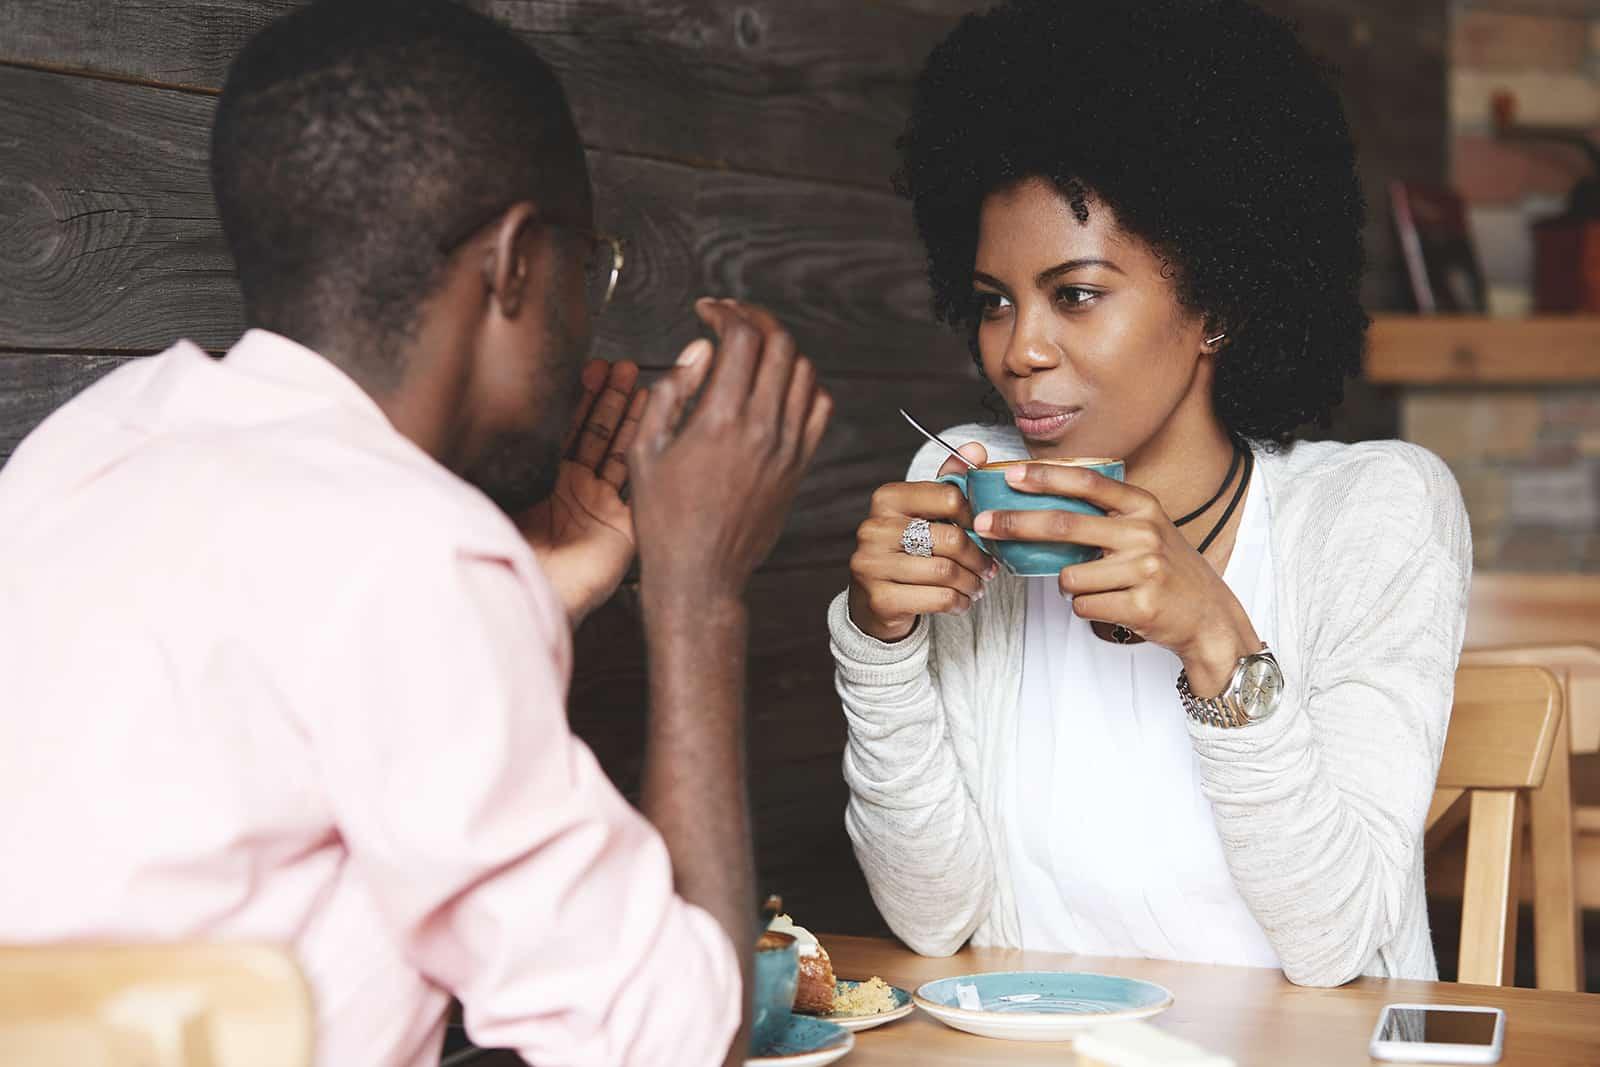 Ein Mann und eine Frau unterhalten sich über ein Date im Café